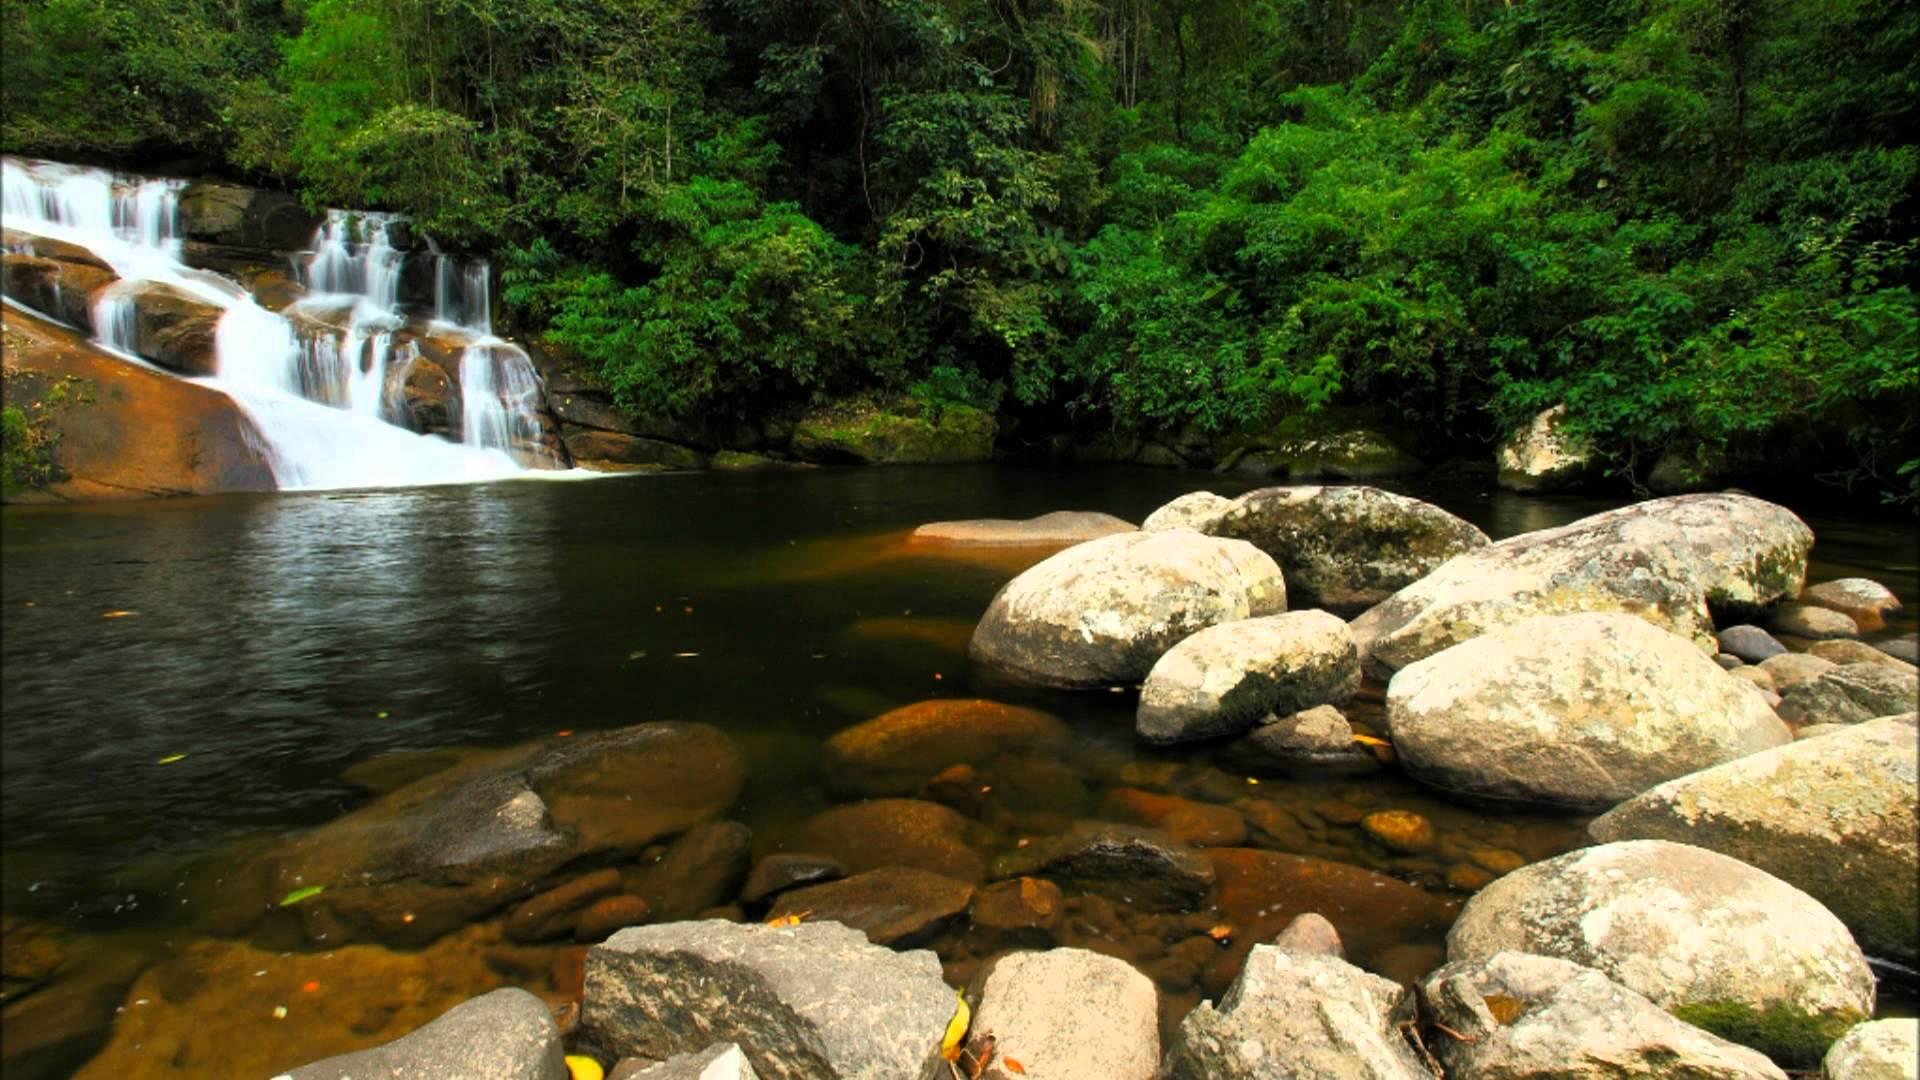 Cachoeiras de Paraty - Pedra Branca é linda e convida ao mergulho! –  Experiência Imperial